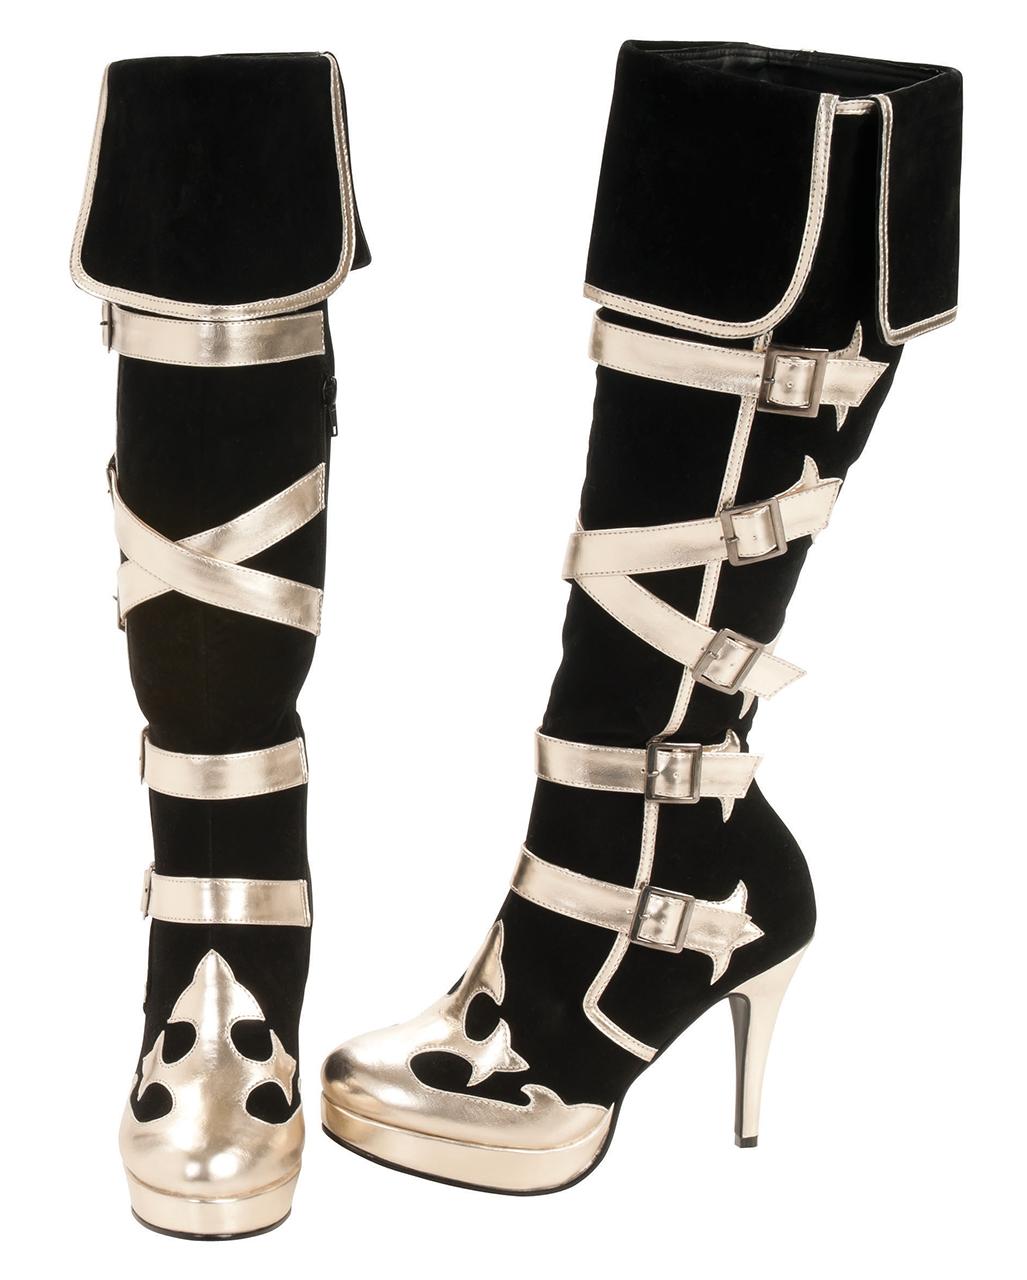 Piraten Stiefel schwarz gold